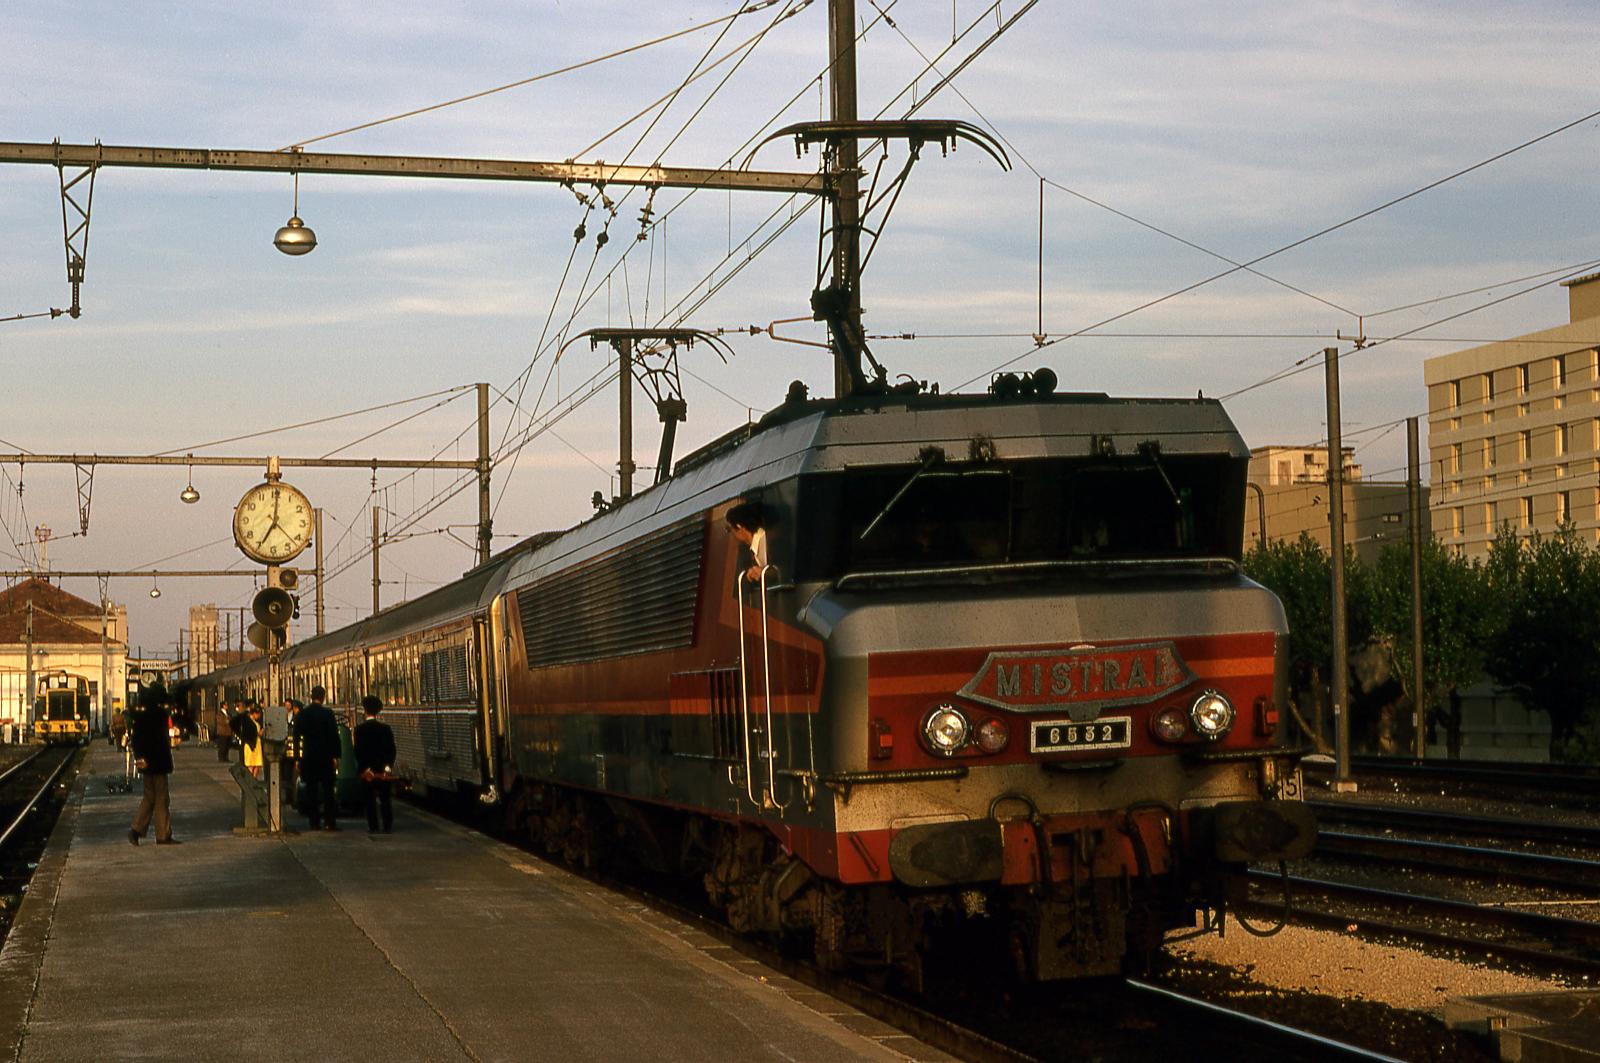 Rencontre Sexe Chatillon (92320), Trouves Ton Plan Cul Sur Gare Aux Coquines